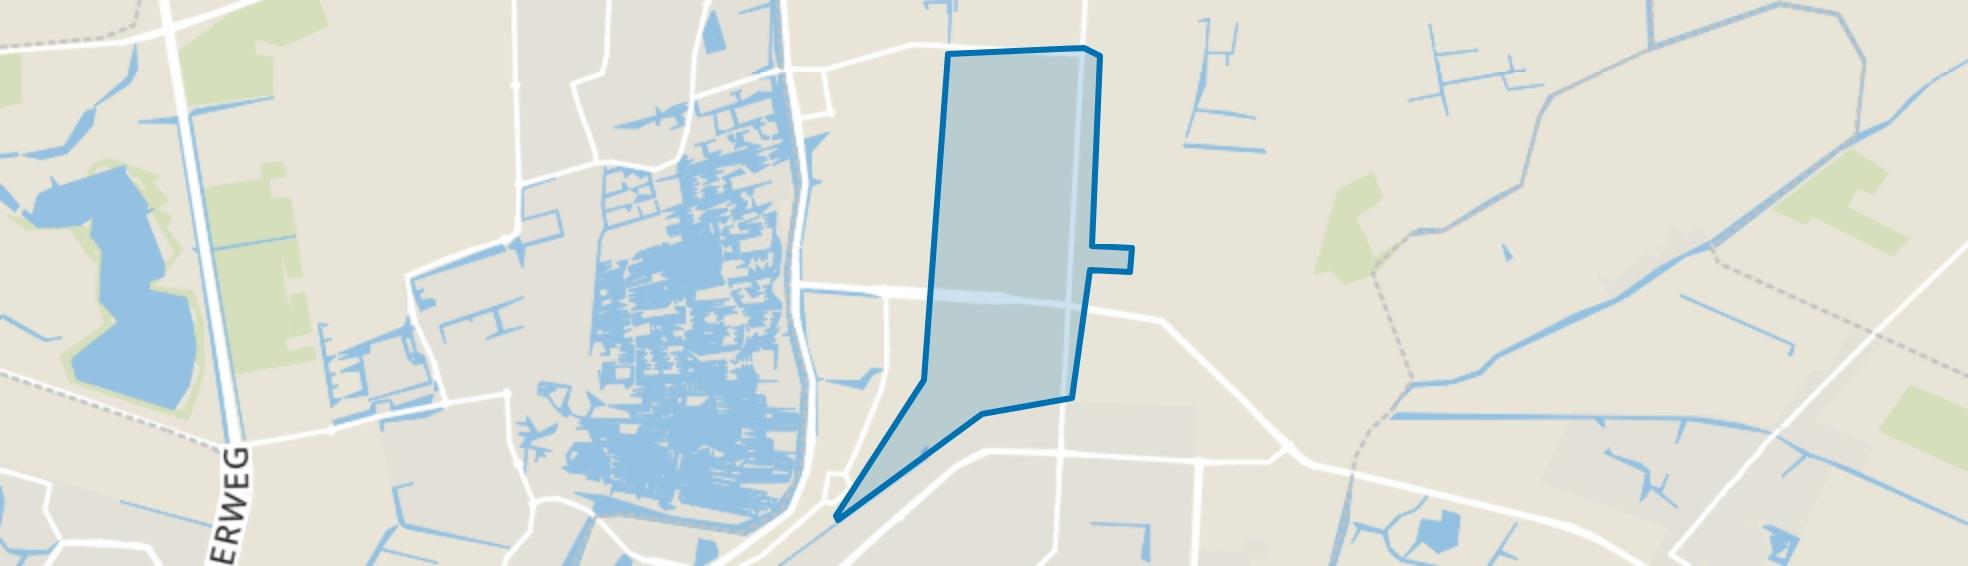 De Vaandel, Heerhugowaard map